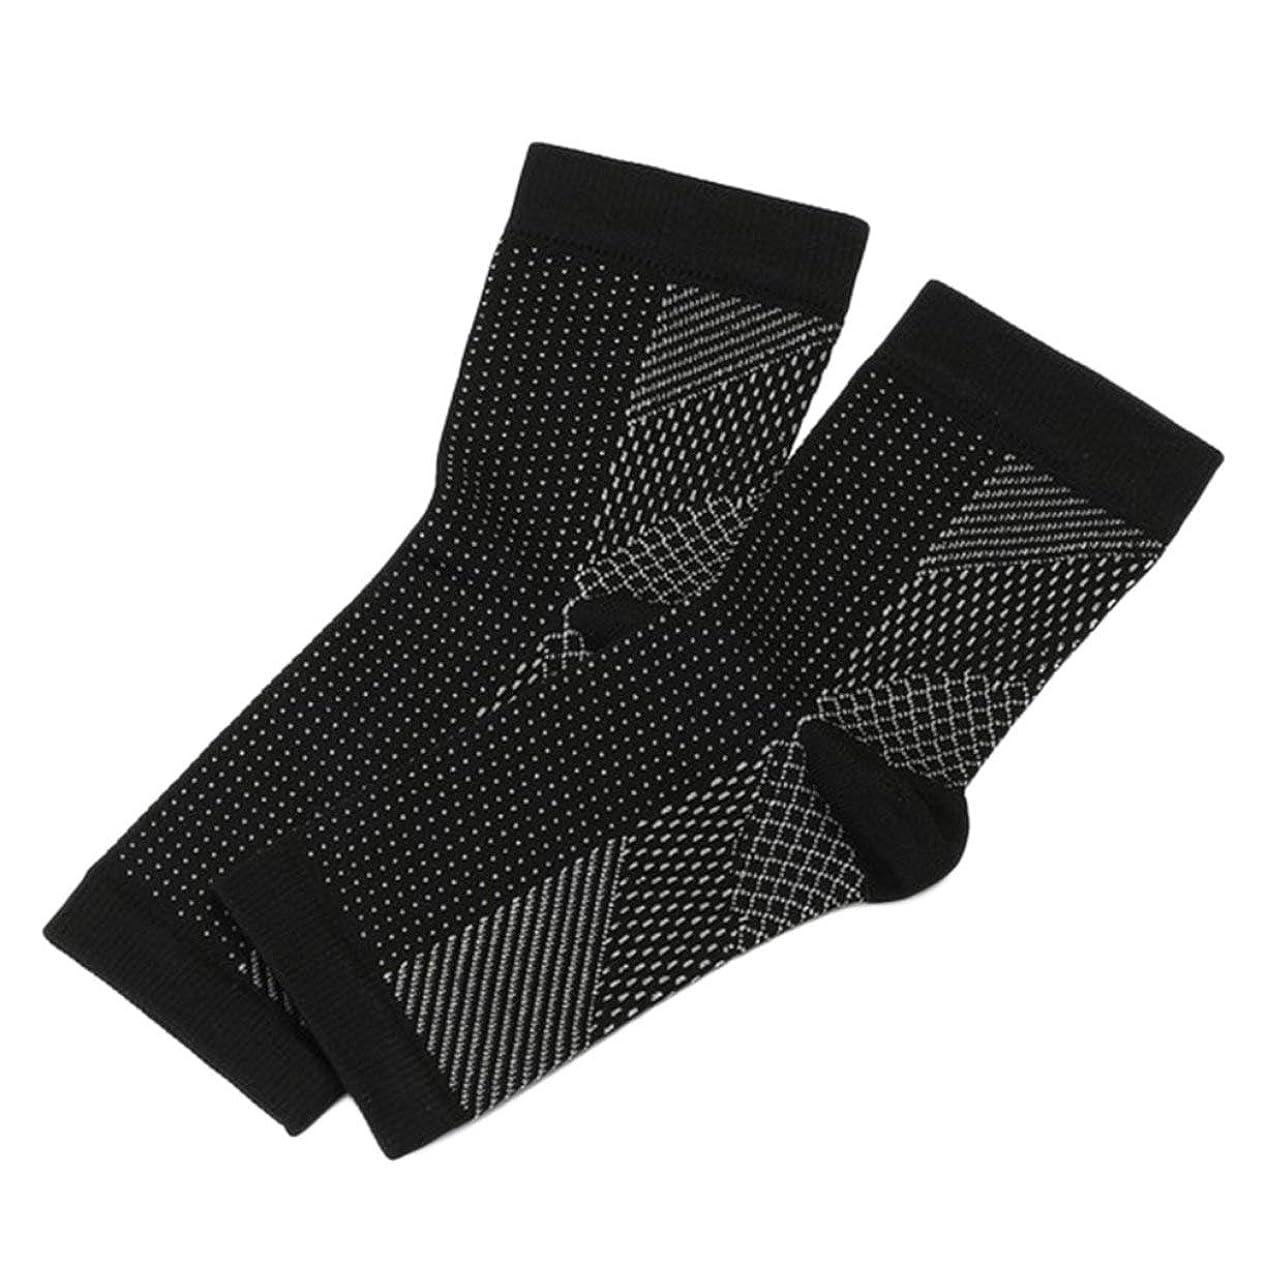 綺麗な審判ファックスプロ用スポーツフットアングルアンチ疲労コンプレッションフットスリーブアンチ疲労靴下 - ブラックS/M